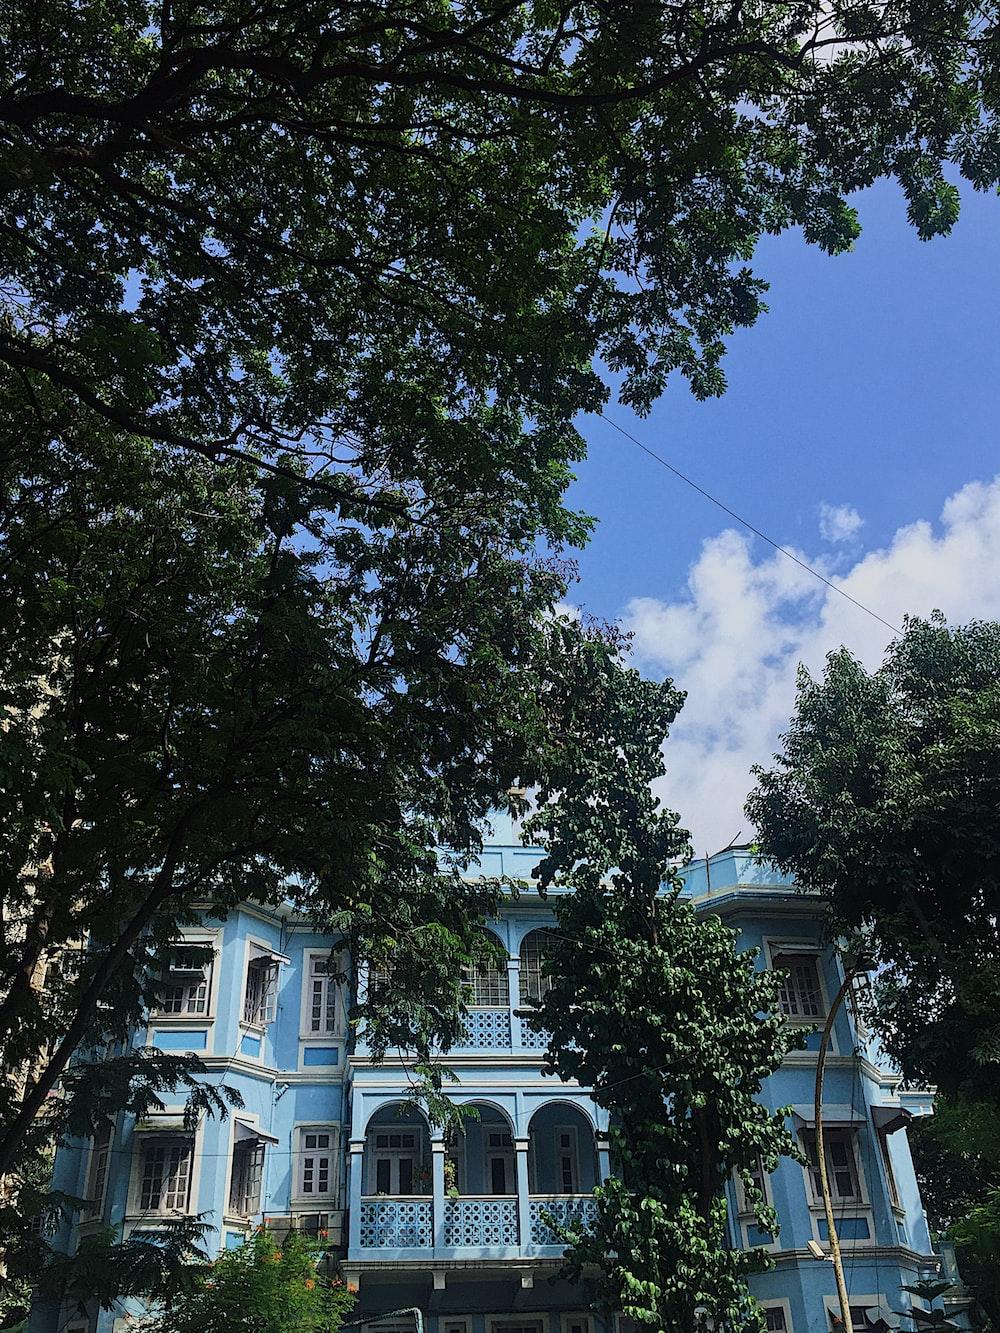 teal building beside tree